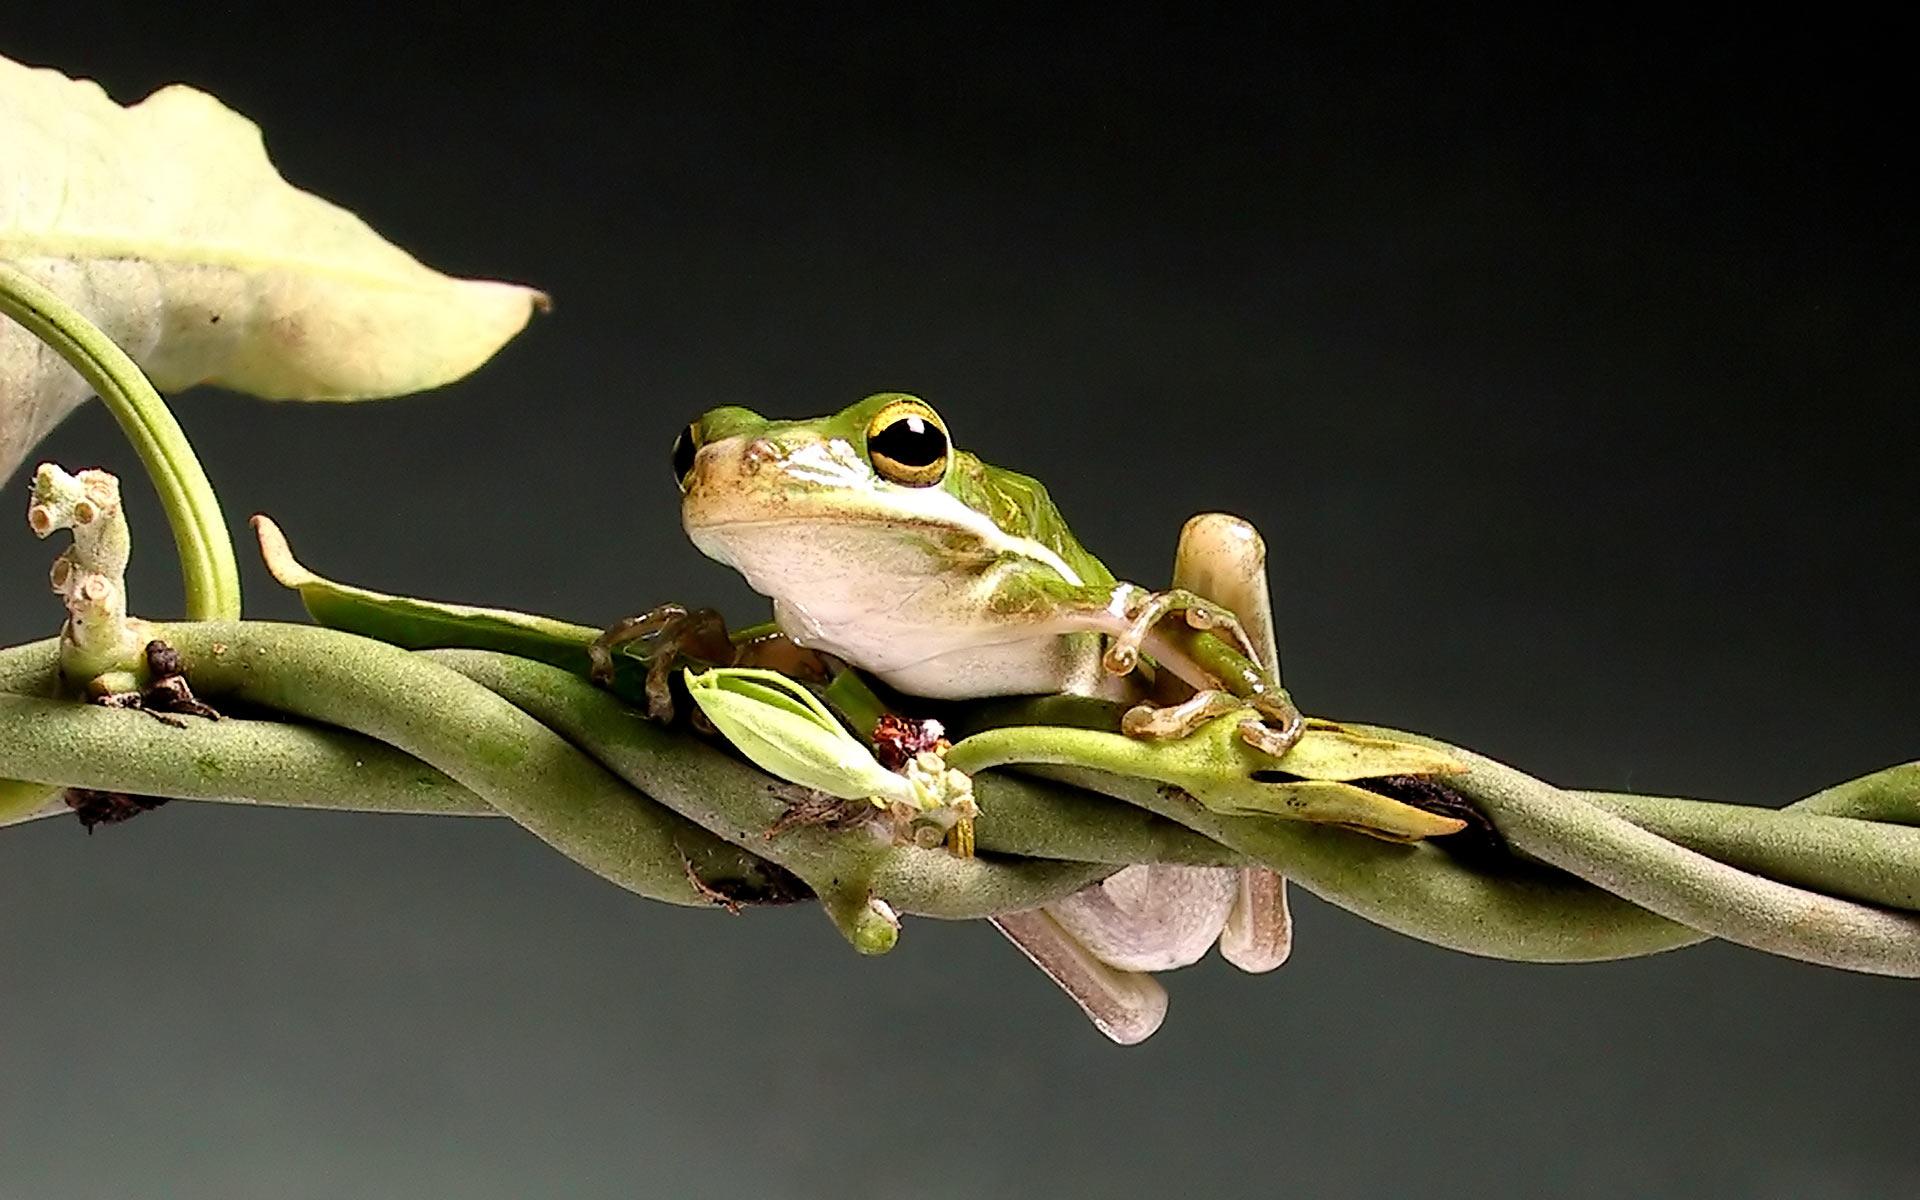 http://1.bp.blogspot.com/-_OCiWWxxkIs/UJ4xxyLRsLI/AAAAAAAAGC8/9C-xAab-Nz4/s1920/Agalychnis_callidryas_Red-eyed_tree_frog_-1200.jpg